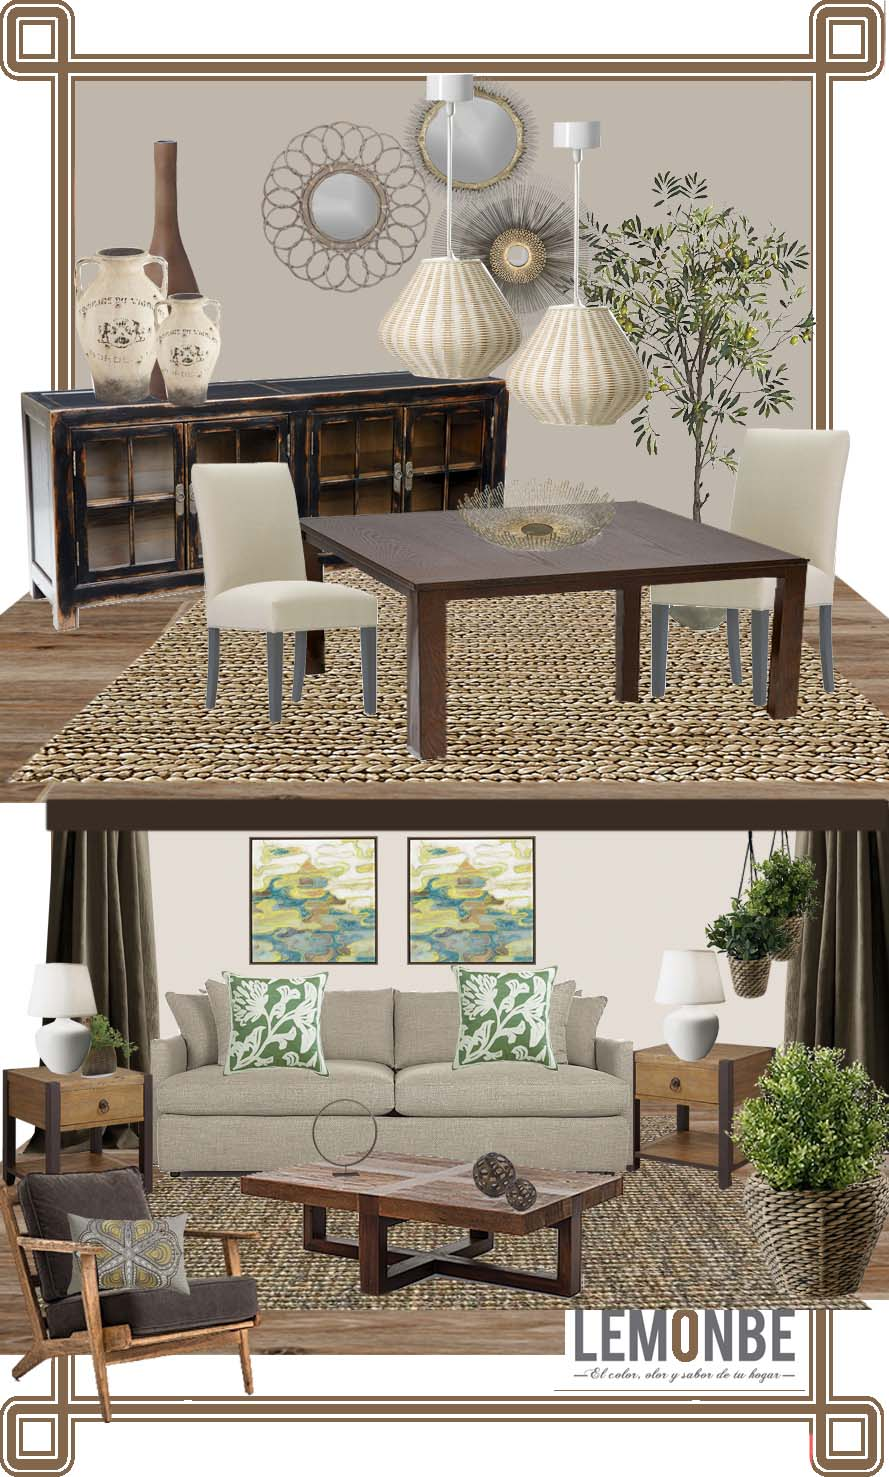 Estilo contempor neo r stico para gaby lemonbe el for Sala estilo contemporaneo